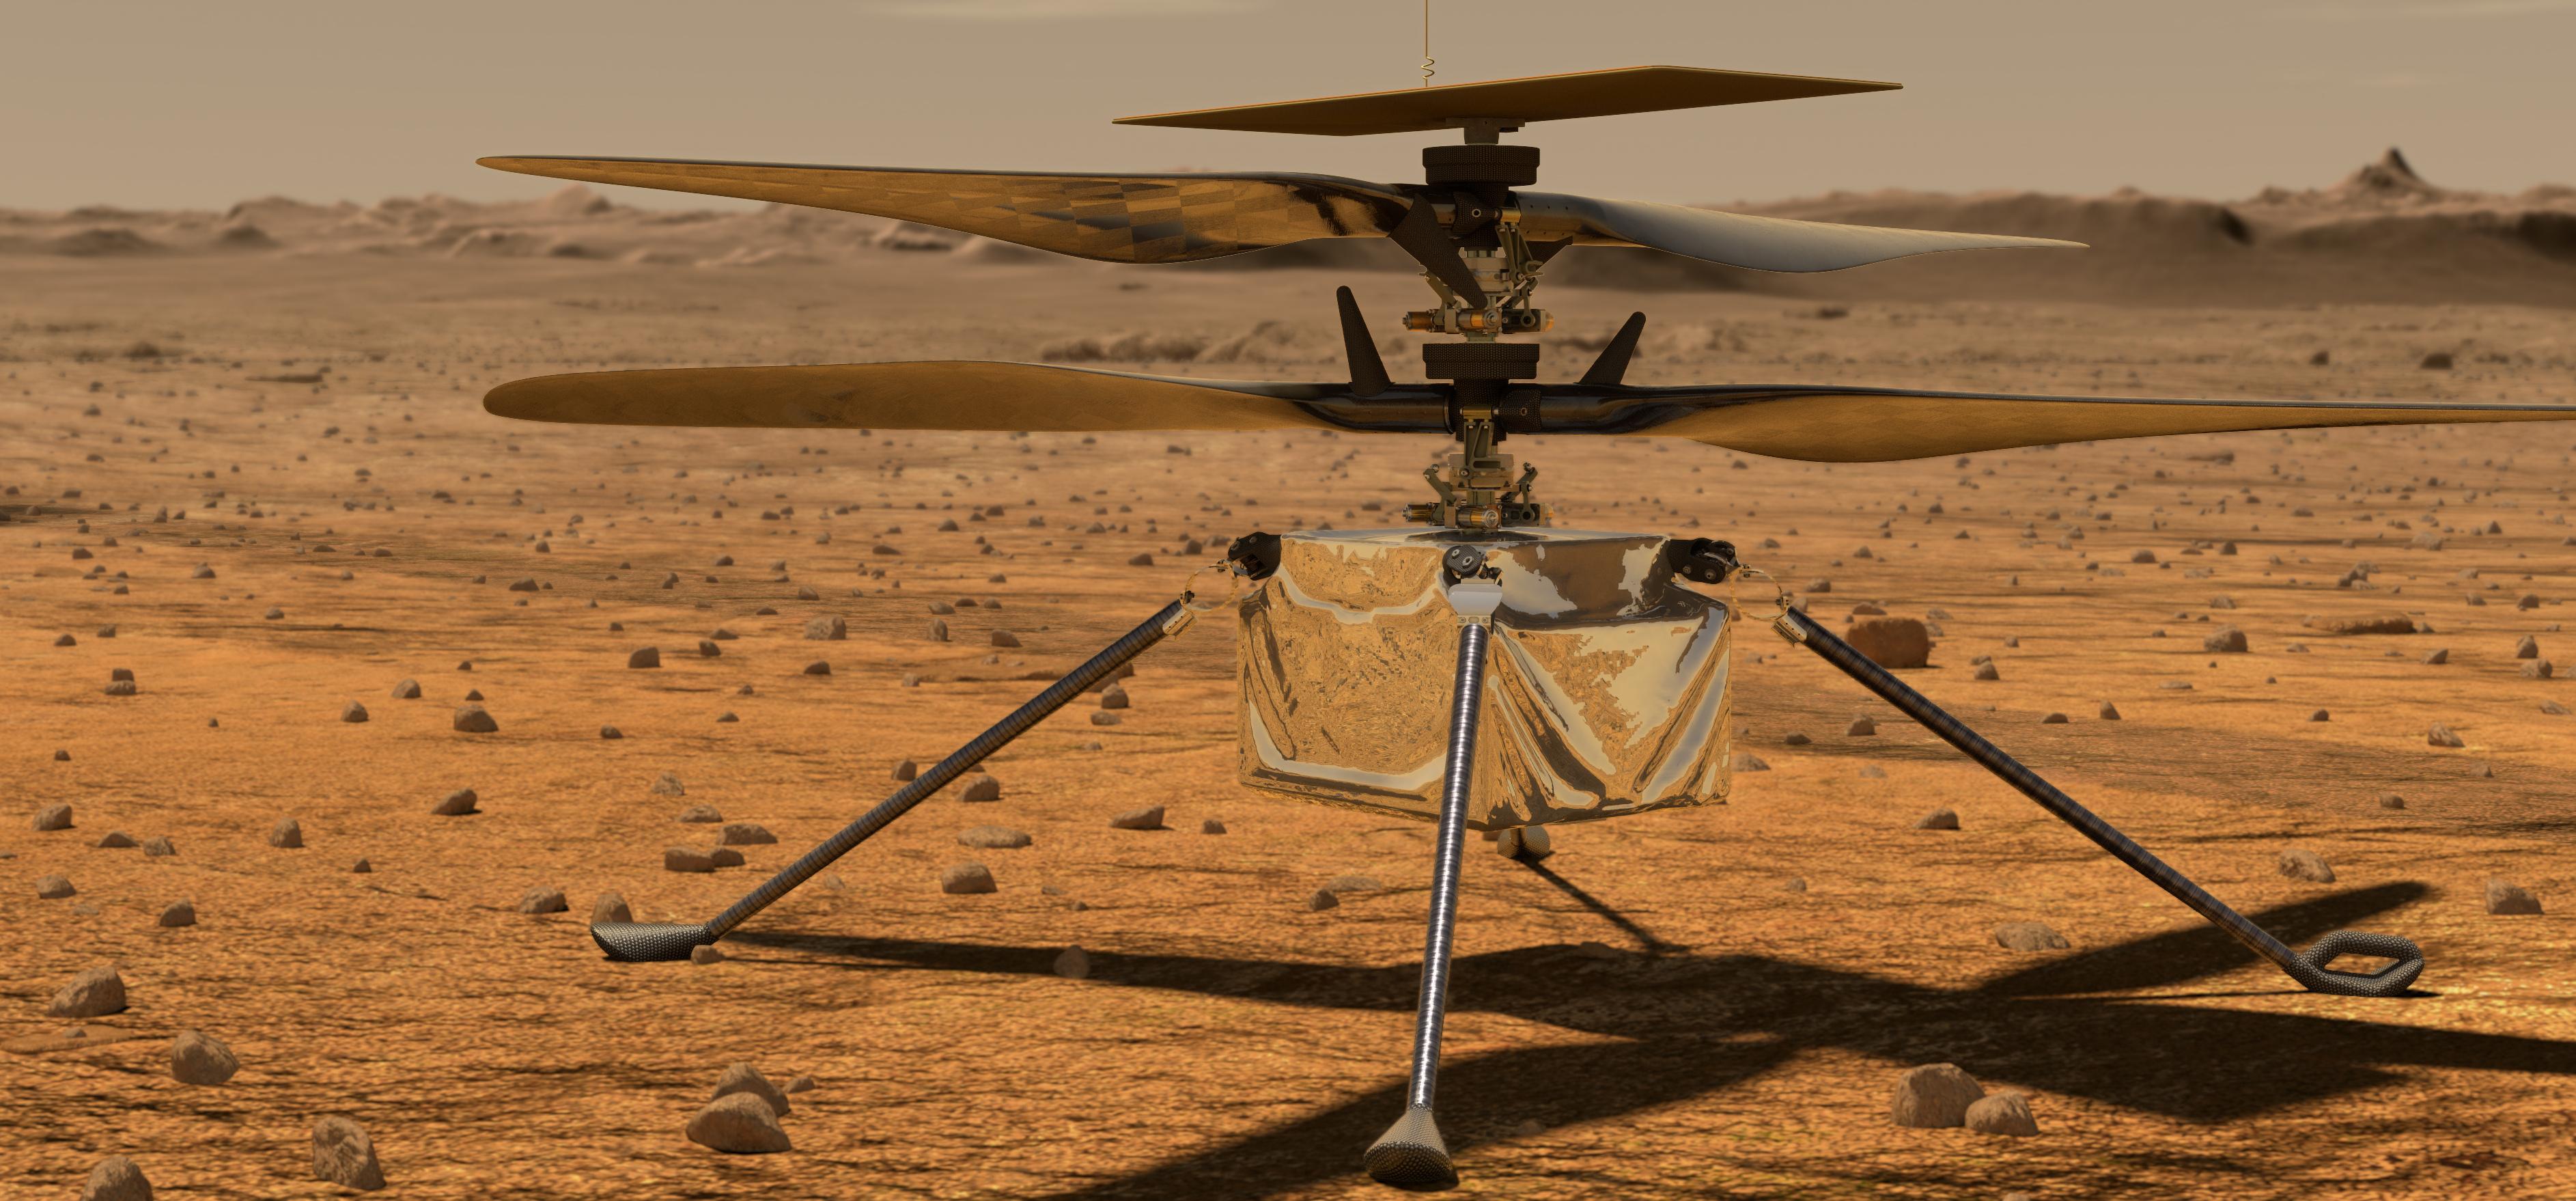 Hamarosan egy helikopter fog körözni a Marson – videó